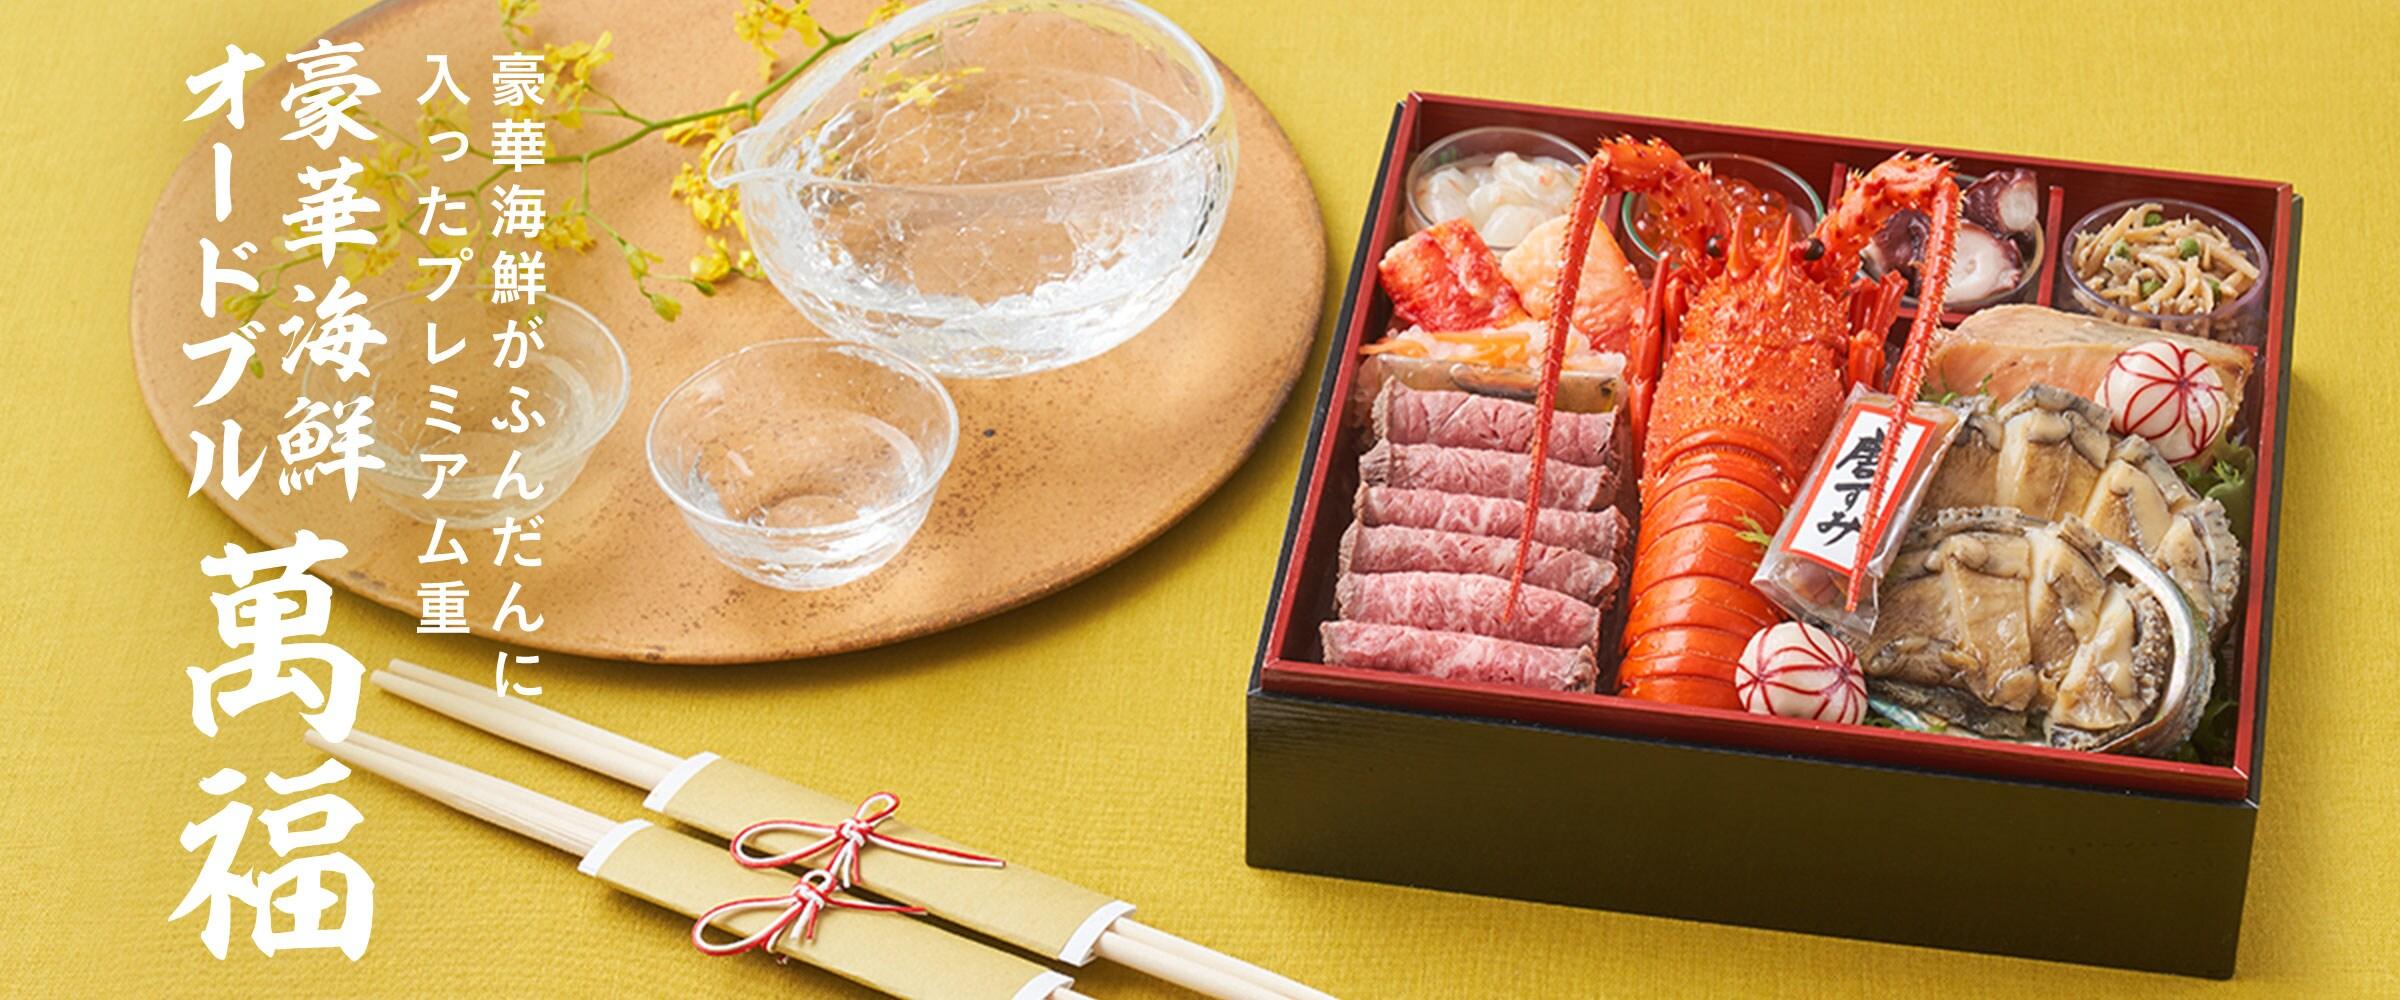 豪華海鮮オードブル 萬福:豪華海鮮がふんだんに入ったプレミアム重